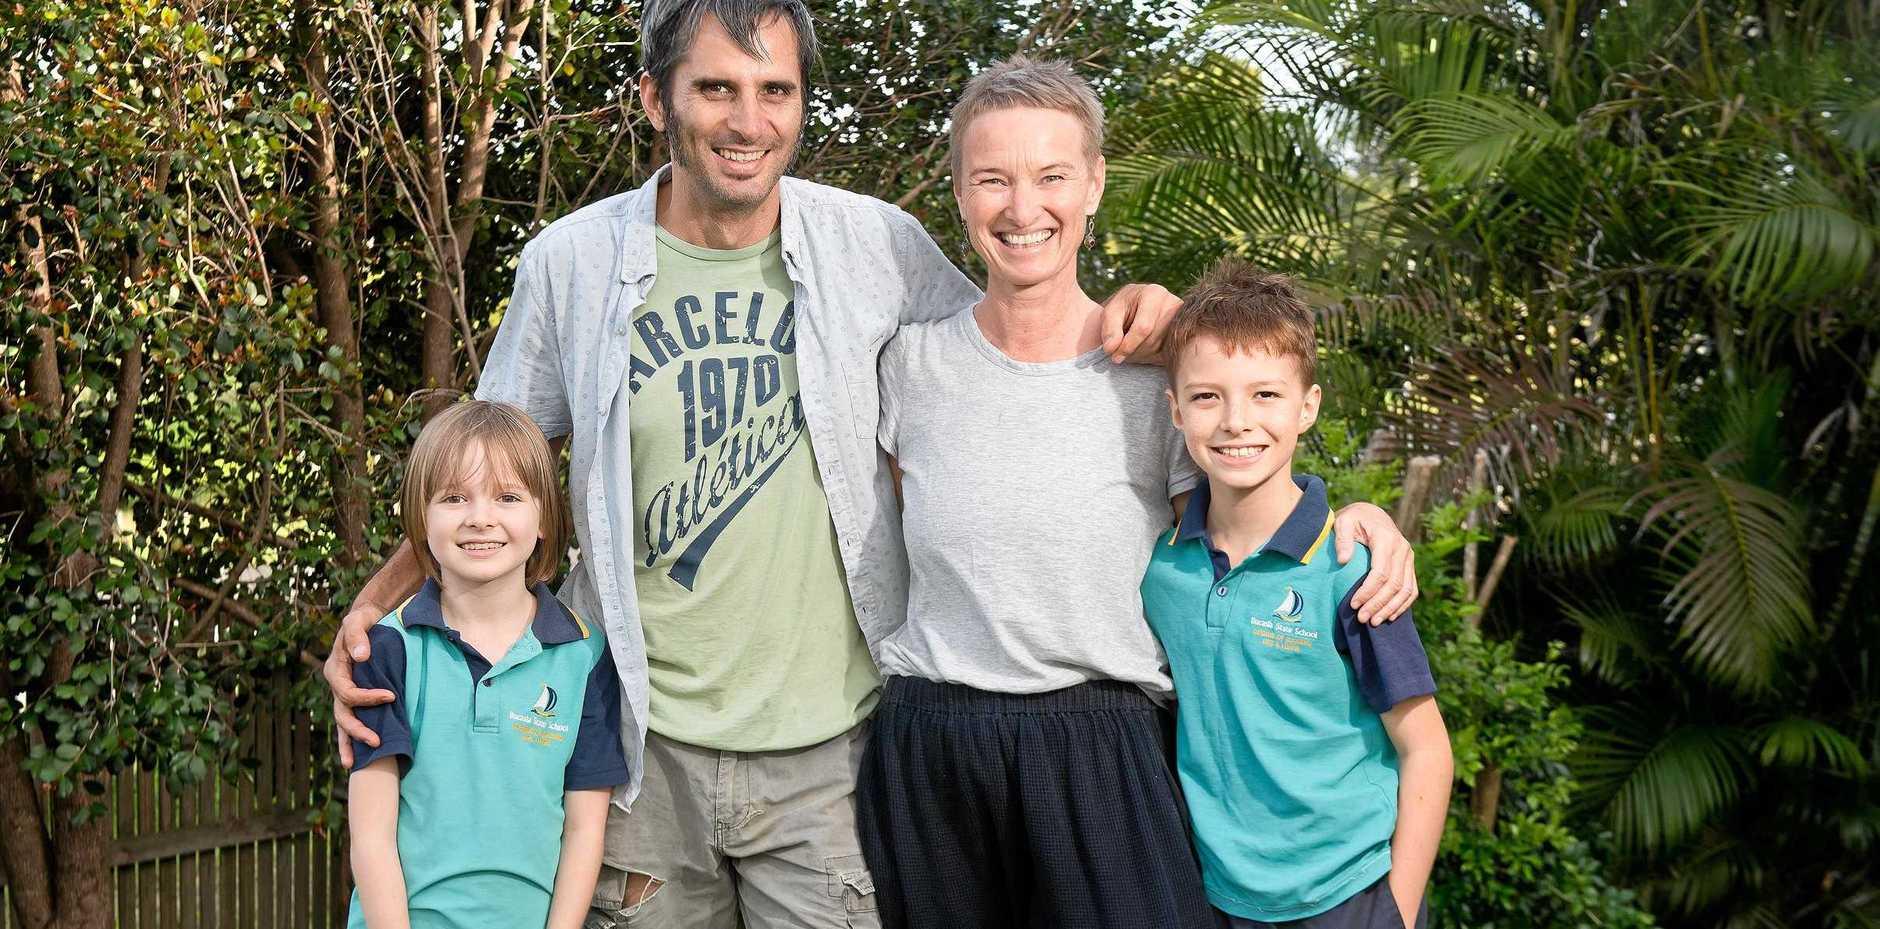 Eimeo residents Eden Wells, 9, Luke Lawrence, Sadie Wells, and Banjo Wells, 11.